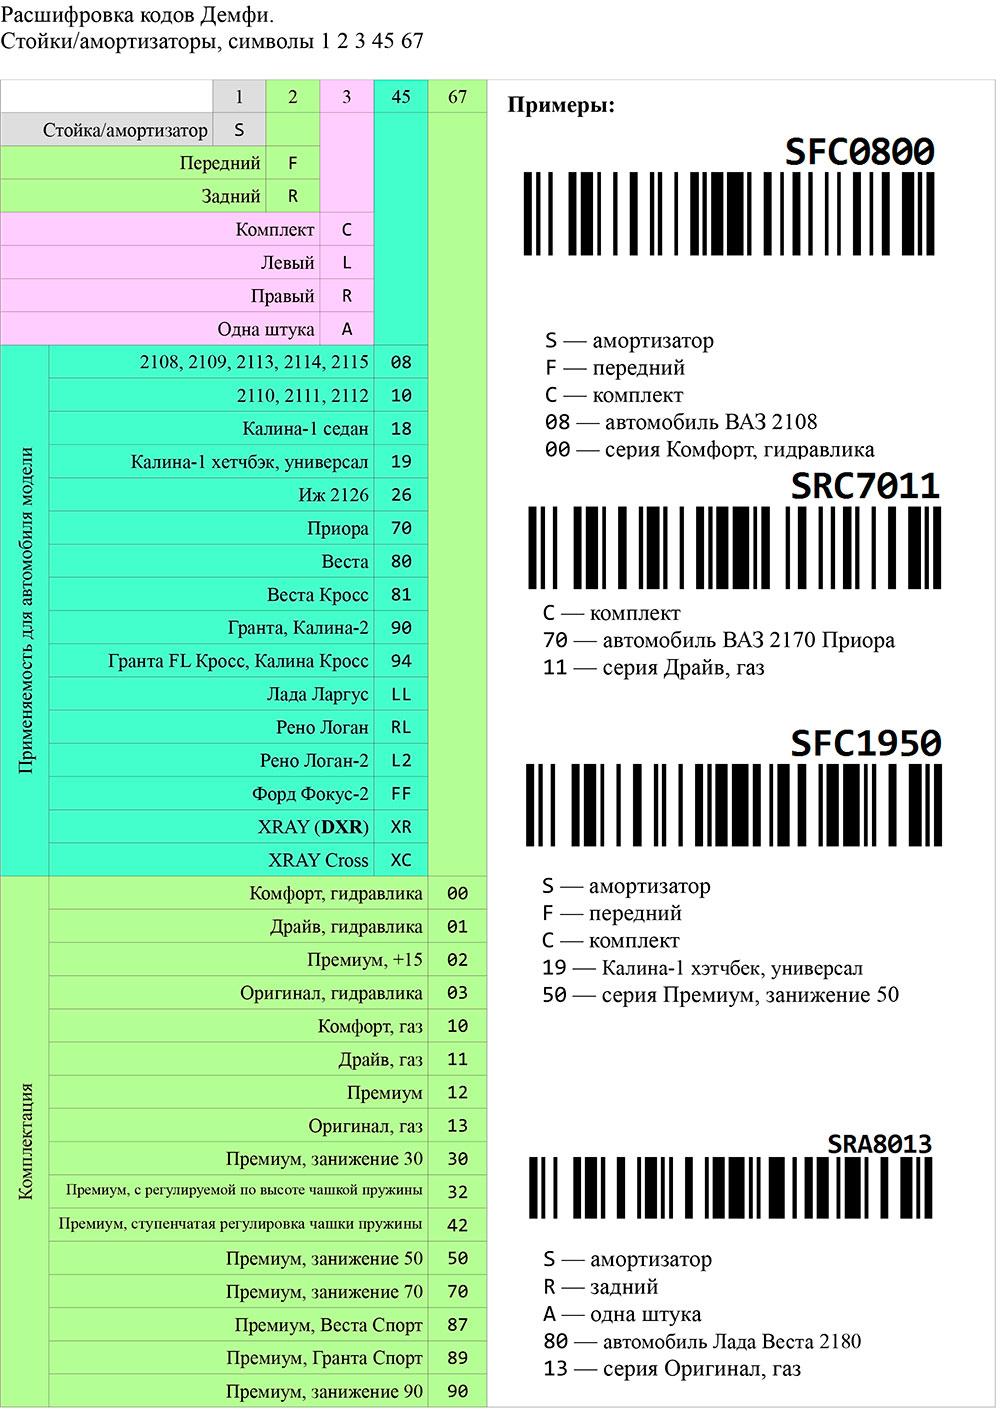 Новые коды на продукцию Демфи - амортизаторы